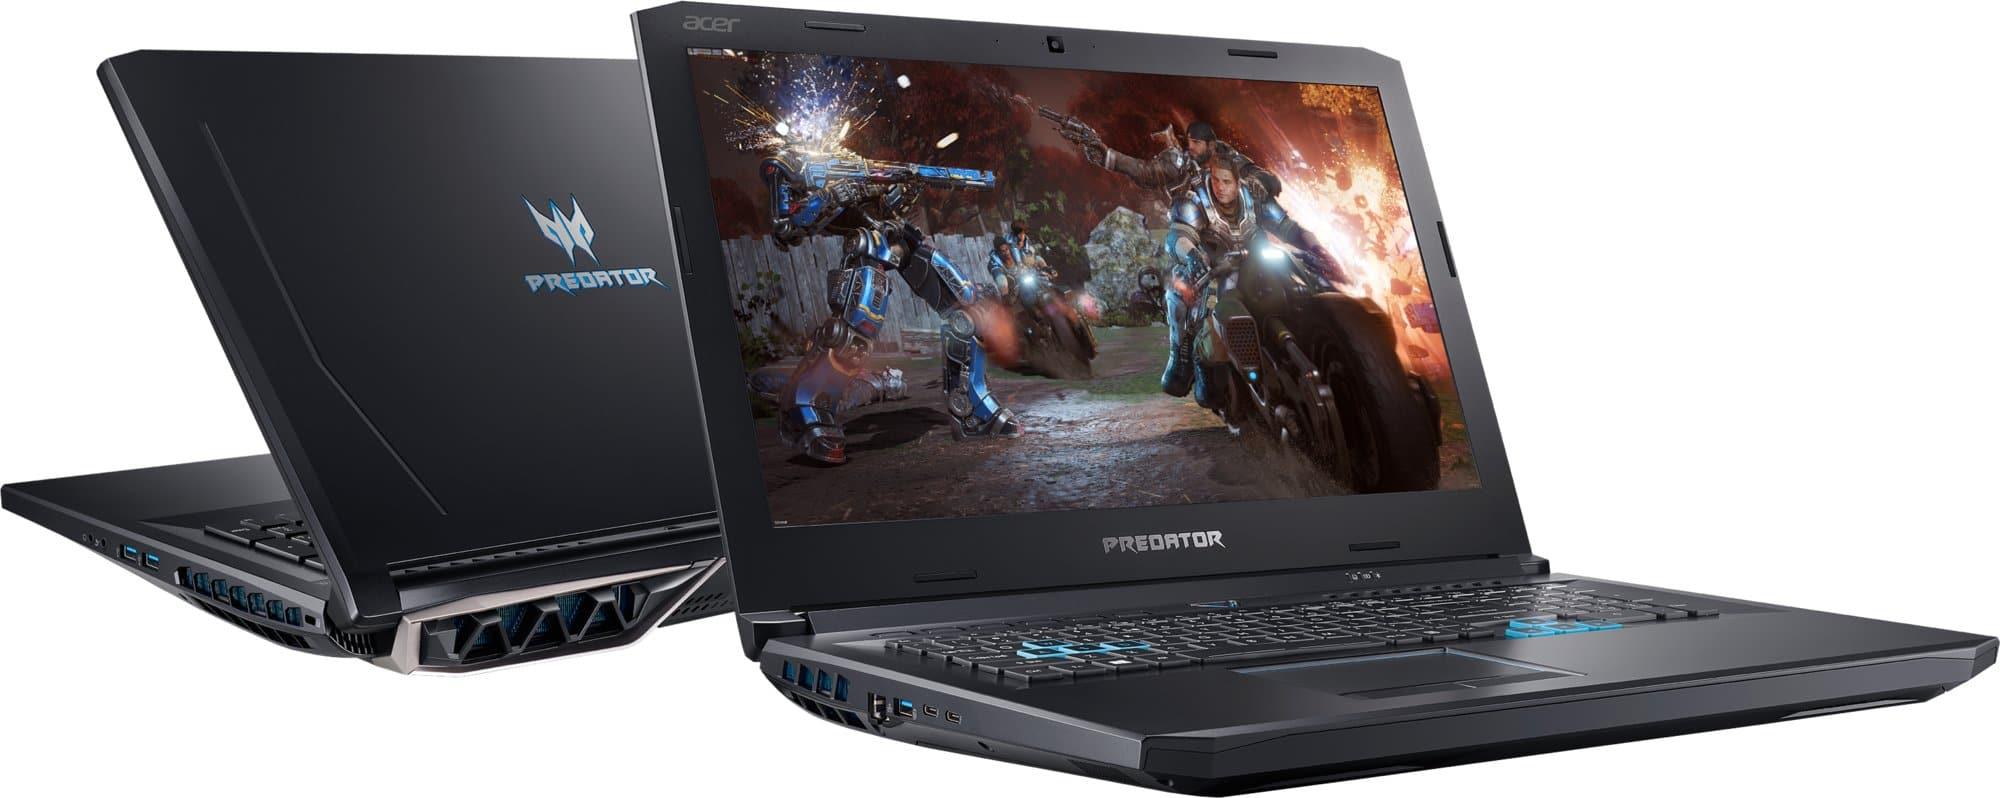 Revue de presse des tests publiés sur le Web (Acer Predator Helios 500 PH517-51)